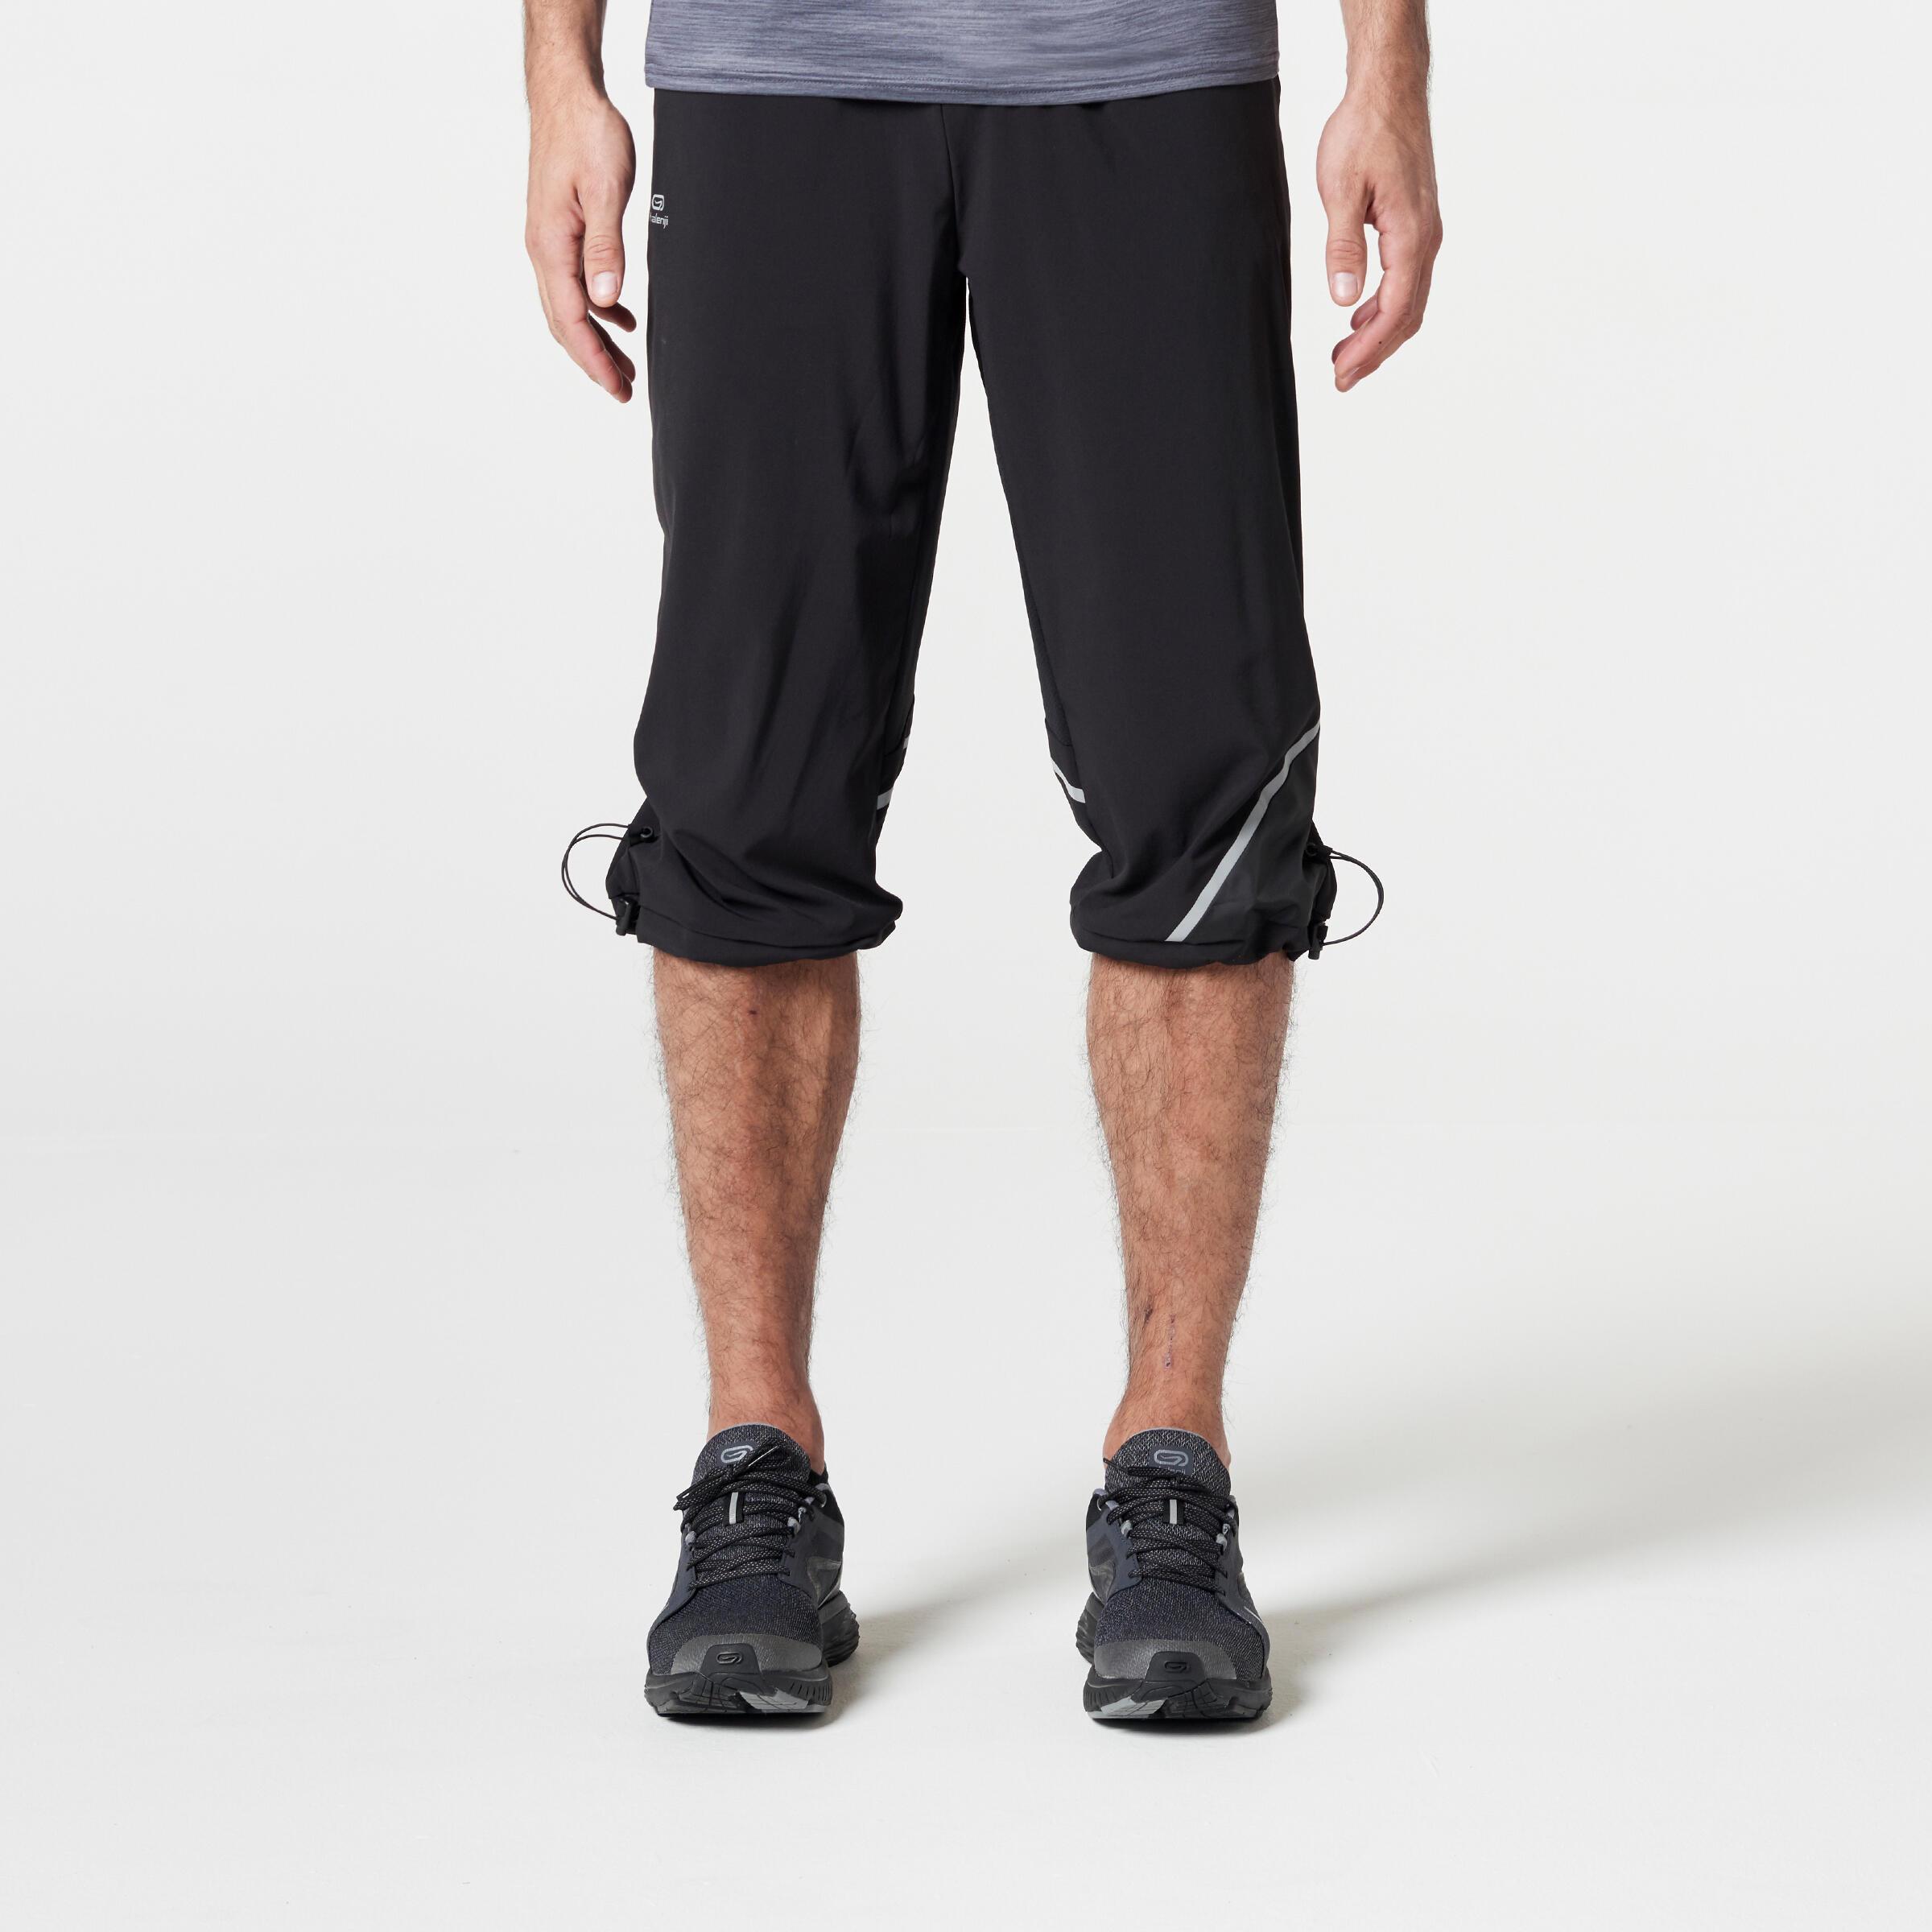 Driekwart Joggingbroek Heren.Loopbroeken En Leggings Heren Decathlon